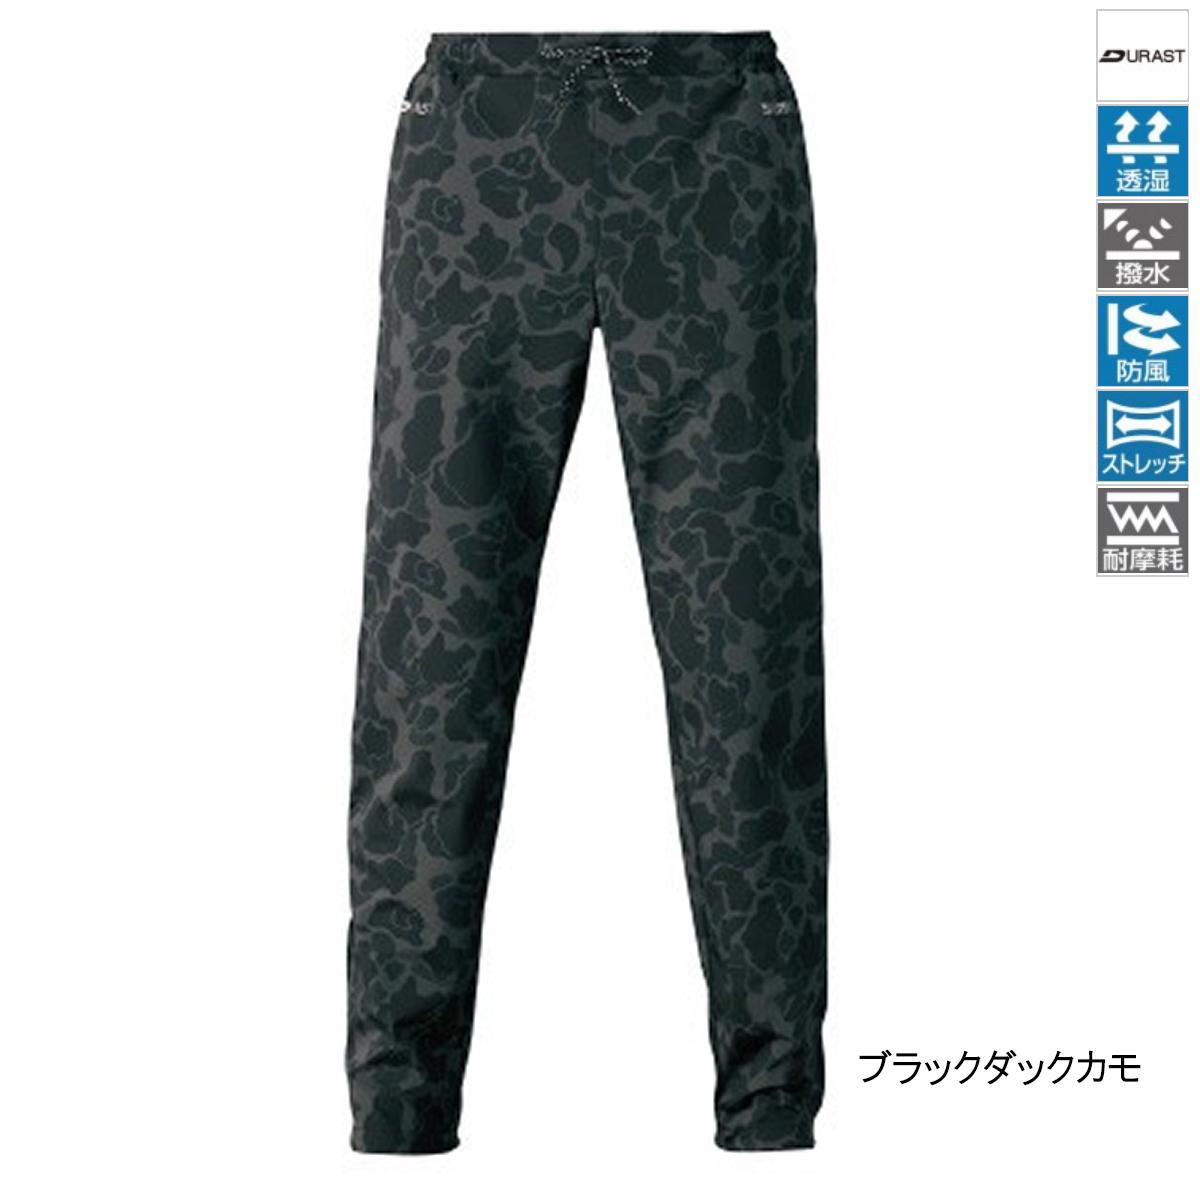 シマノ XEFO DURAST ジョガーパンツ WP-255S XL ブラックダックカモ(東日本店)